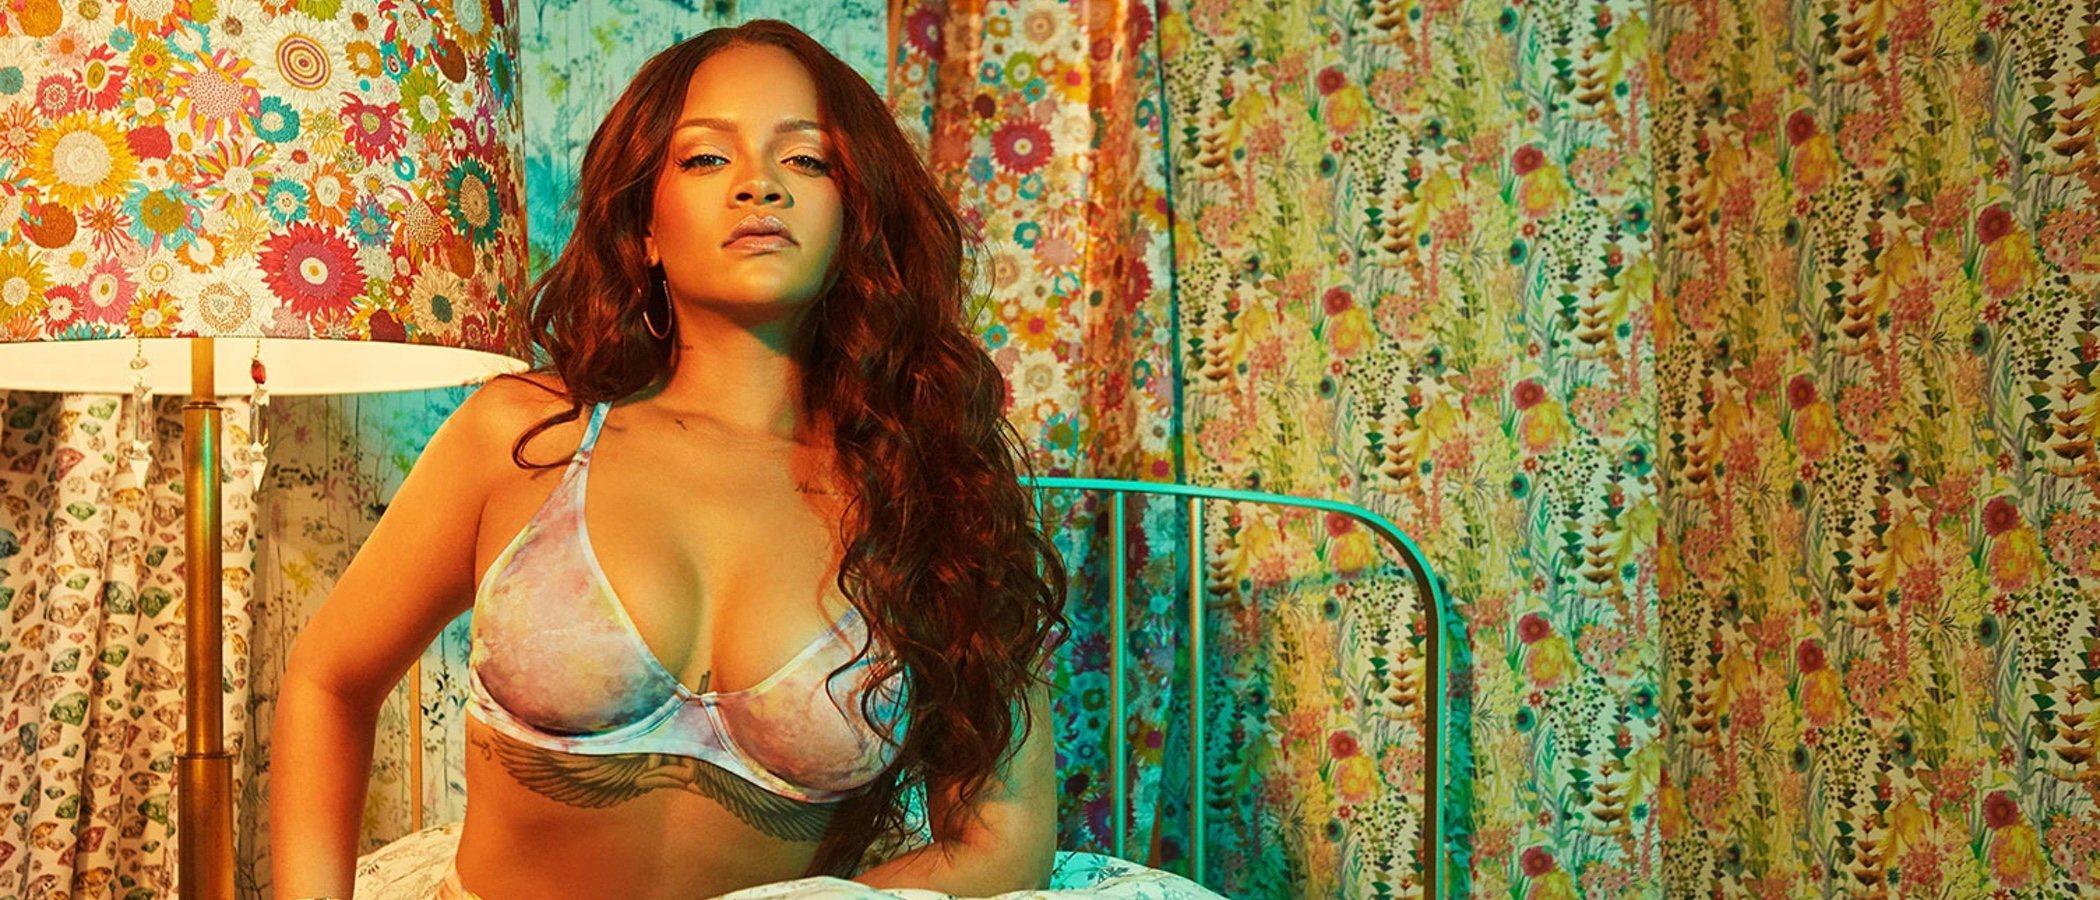 El desfile de lencería Savage X Fenty 2019 de Rihanna se retransmitirá en Amazon Prime Video